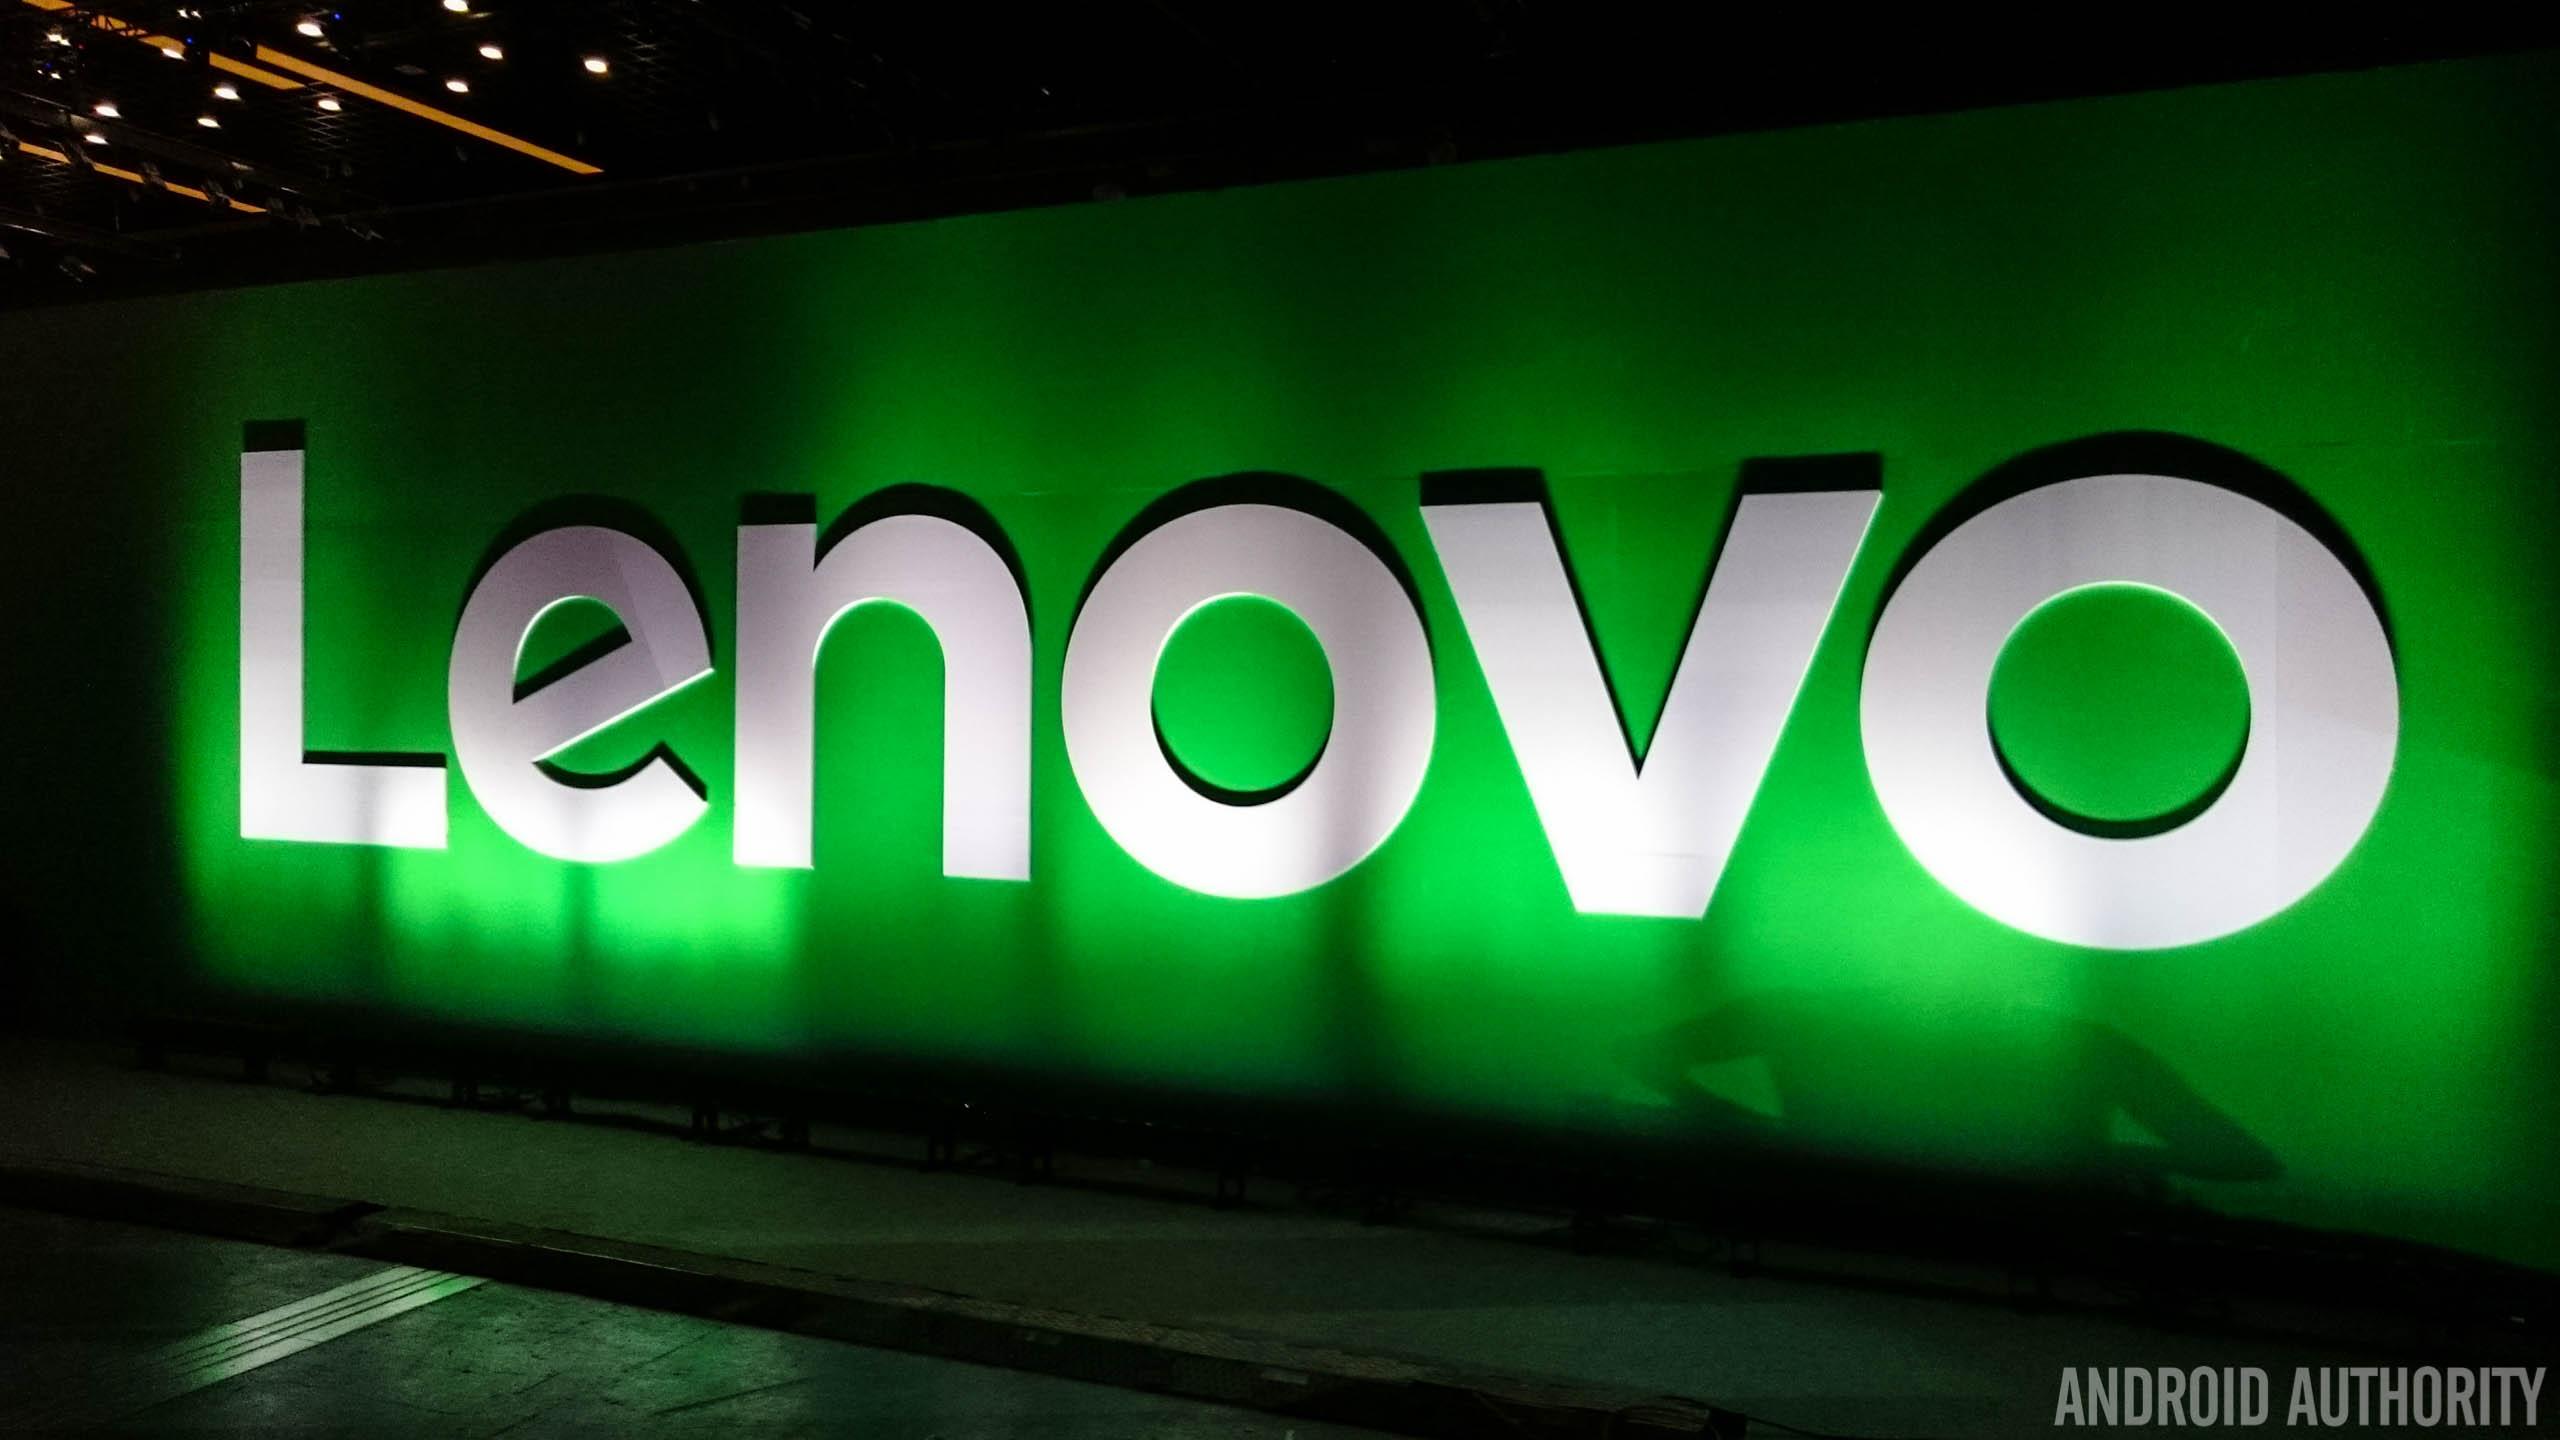 Lenovo Logo Wallpaper: Lenovo TechWorld 2015